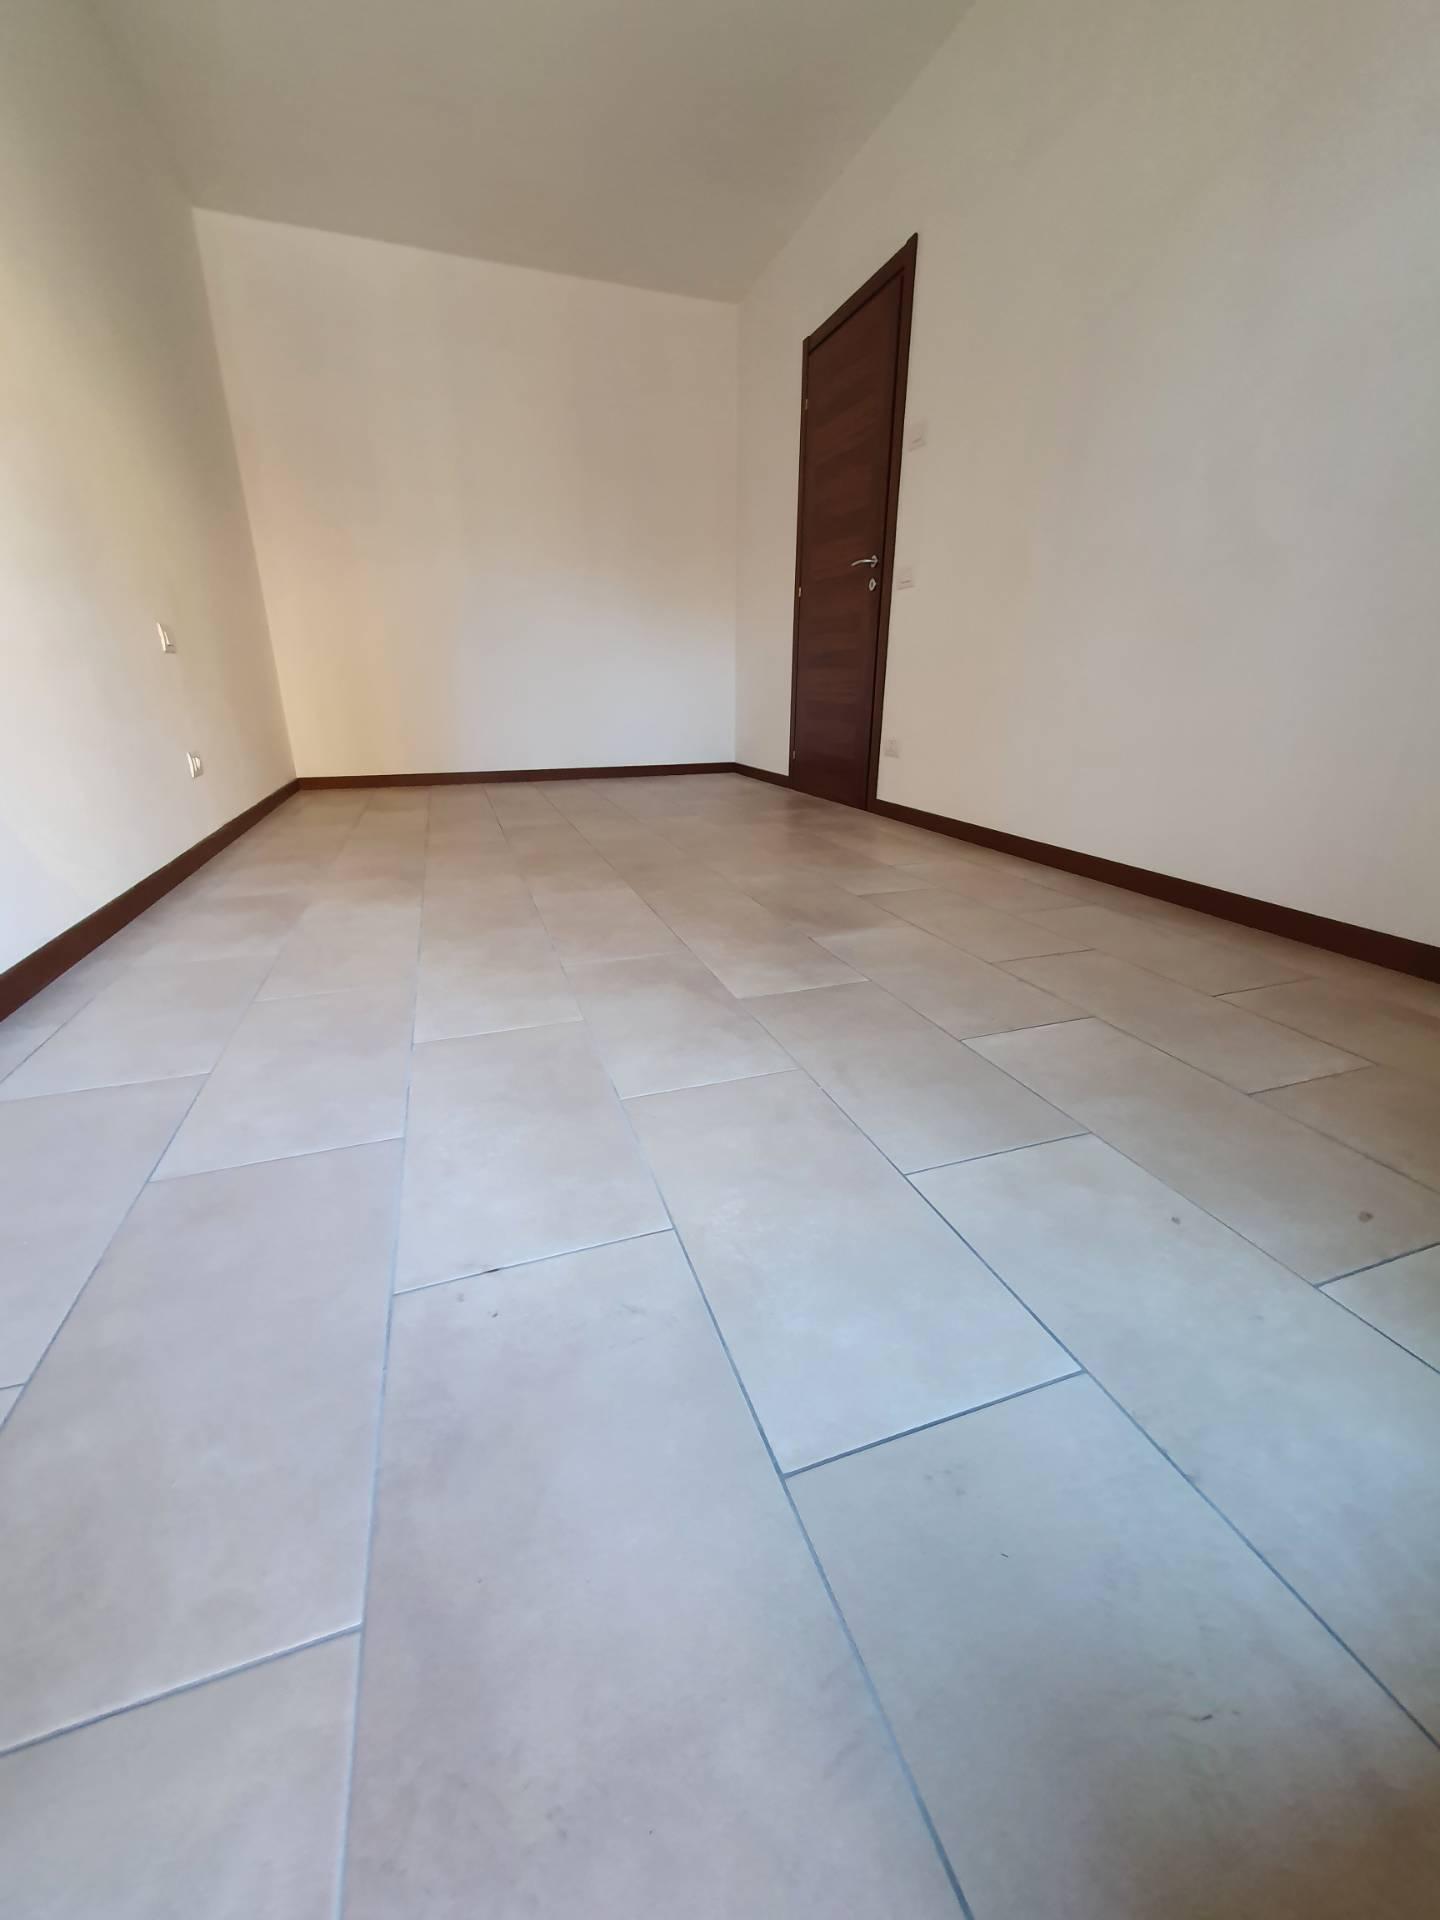 Appartamento in vendita a Scanzorosciate, 3 locali, prezzo € 160.000 | PortaleAgenzieImmobiliari.it